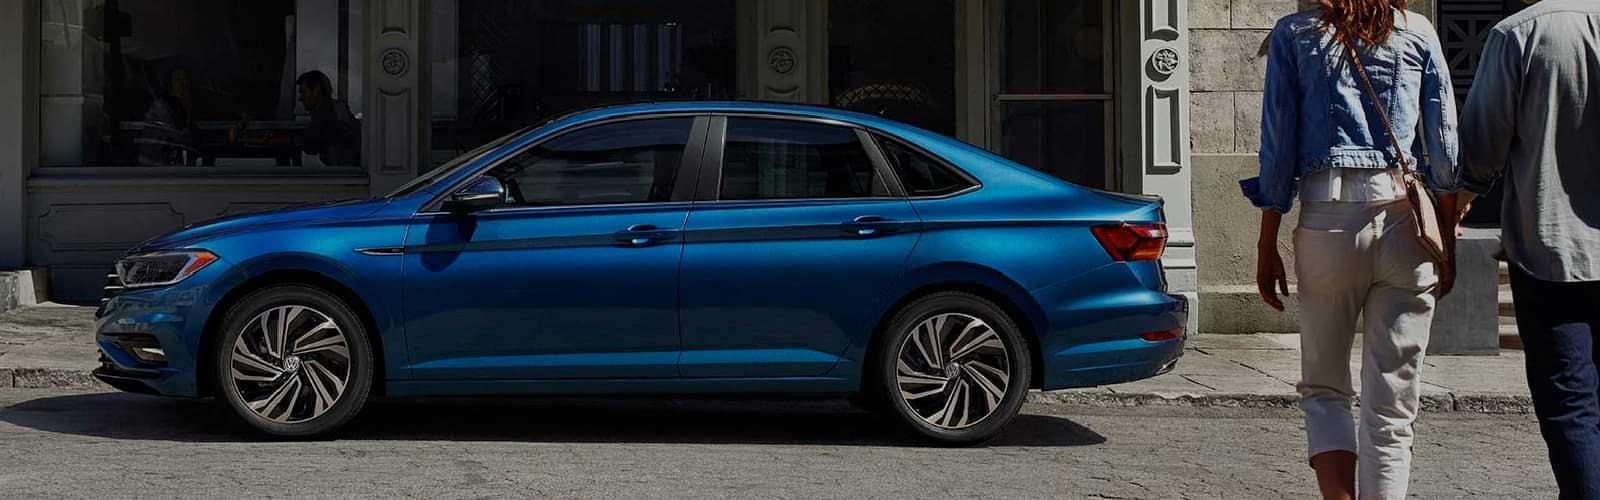 Volkswagen parked on street